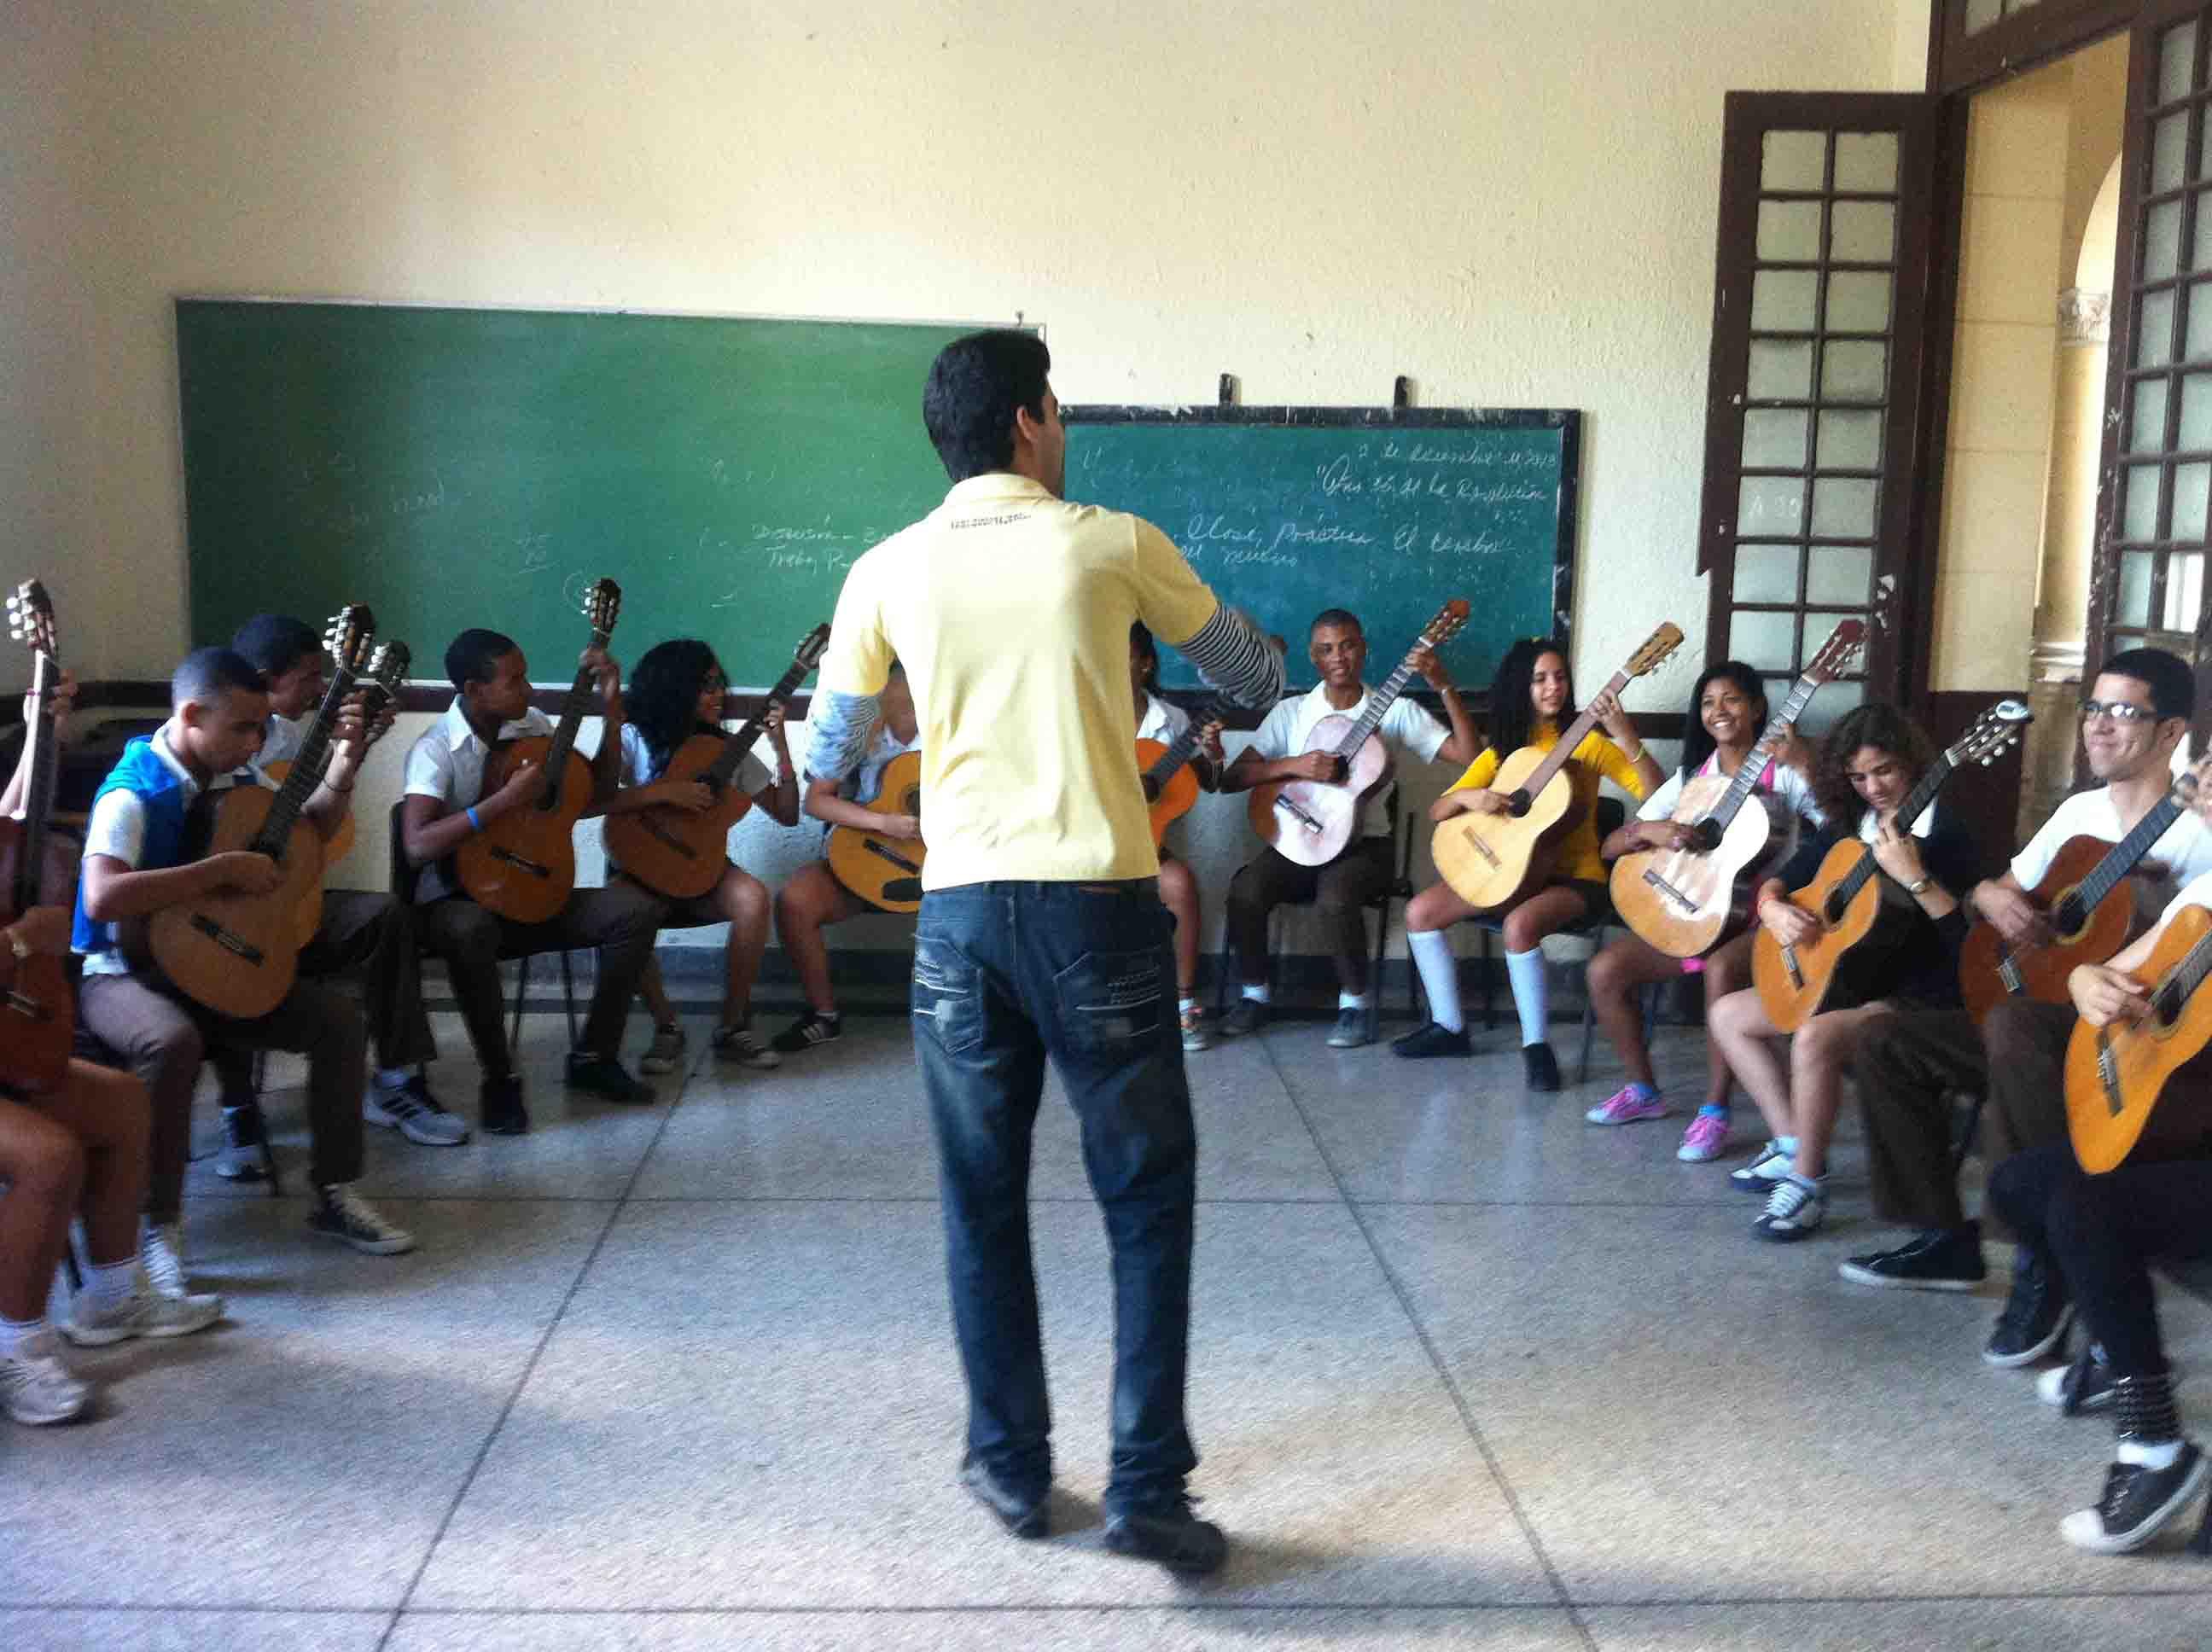 Orquesta de guitarras Amadeo Roldán